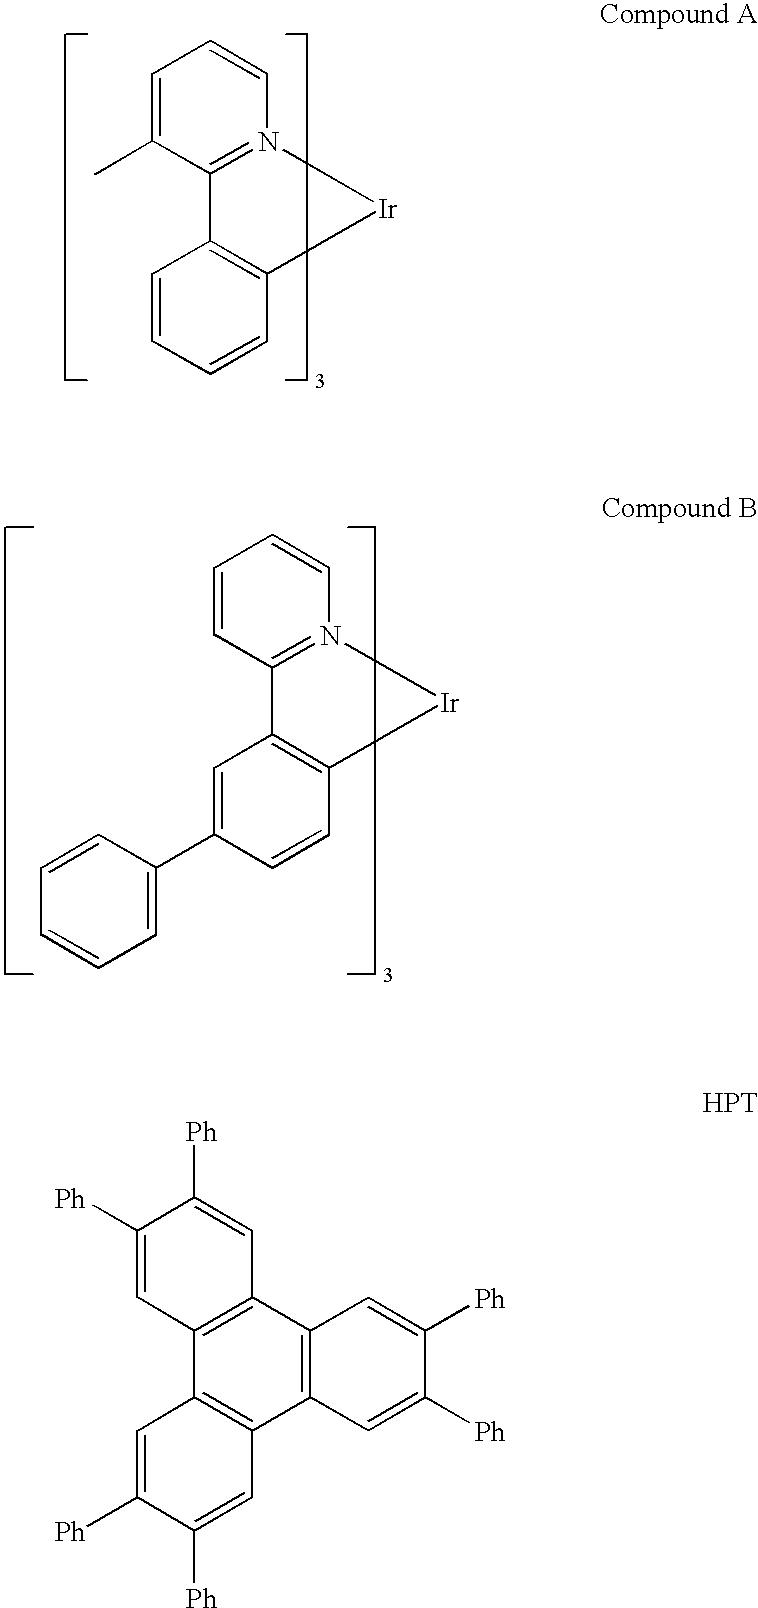 Figure US20100072887A1-20100325-C00189